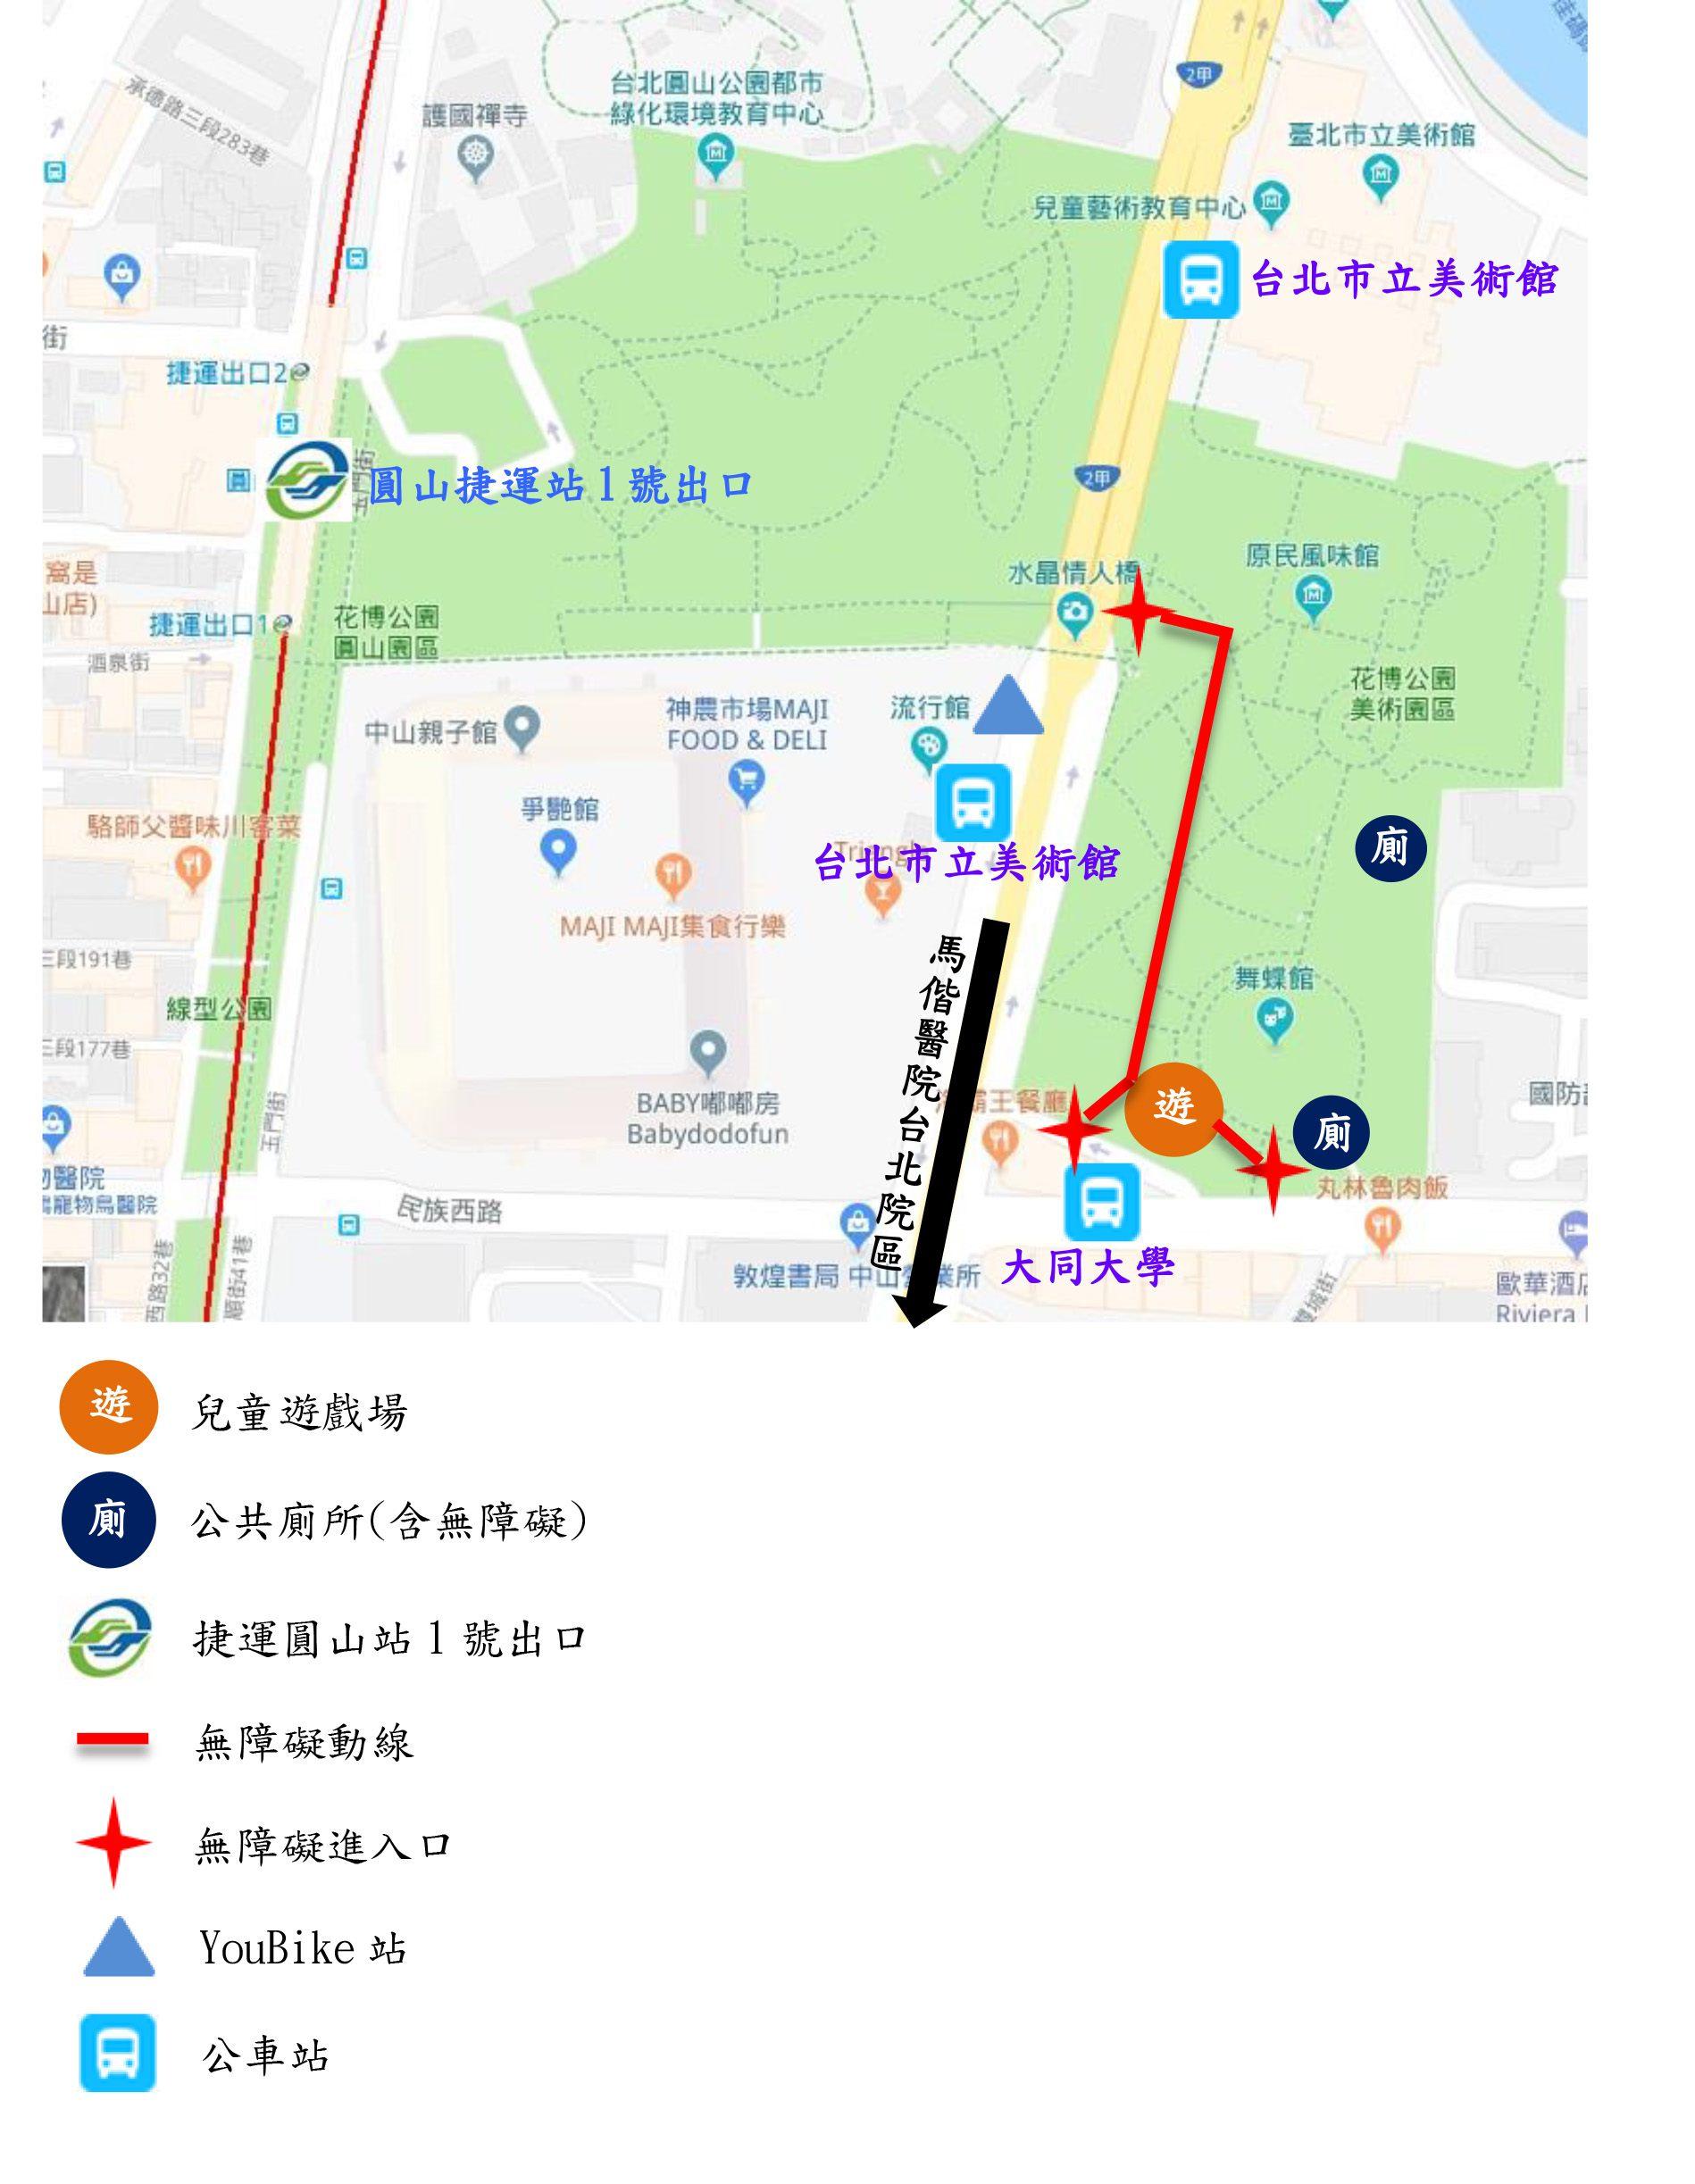 福志公園無障礙路線圖